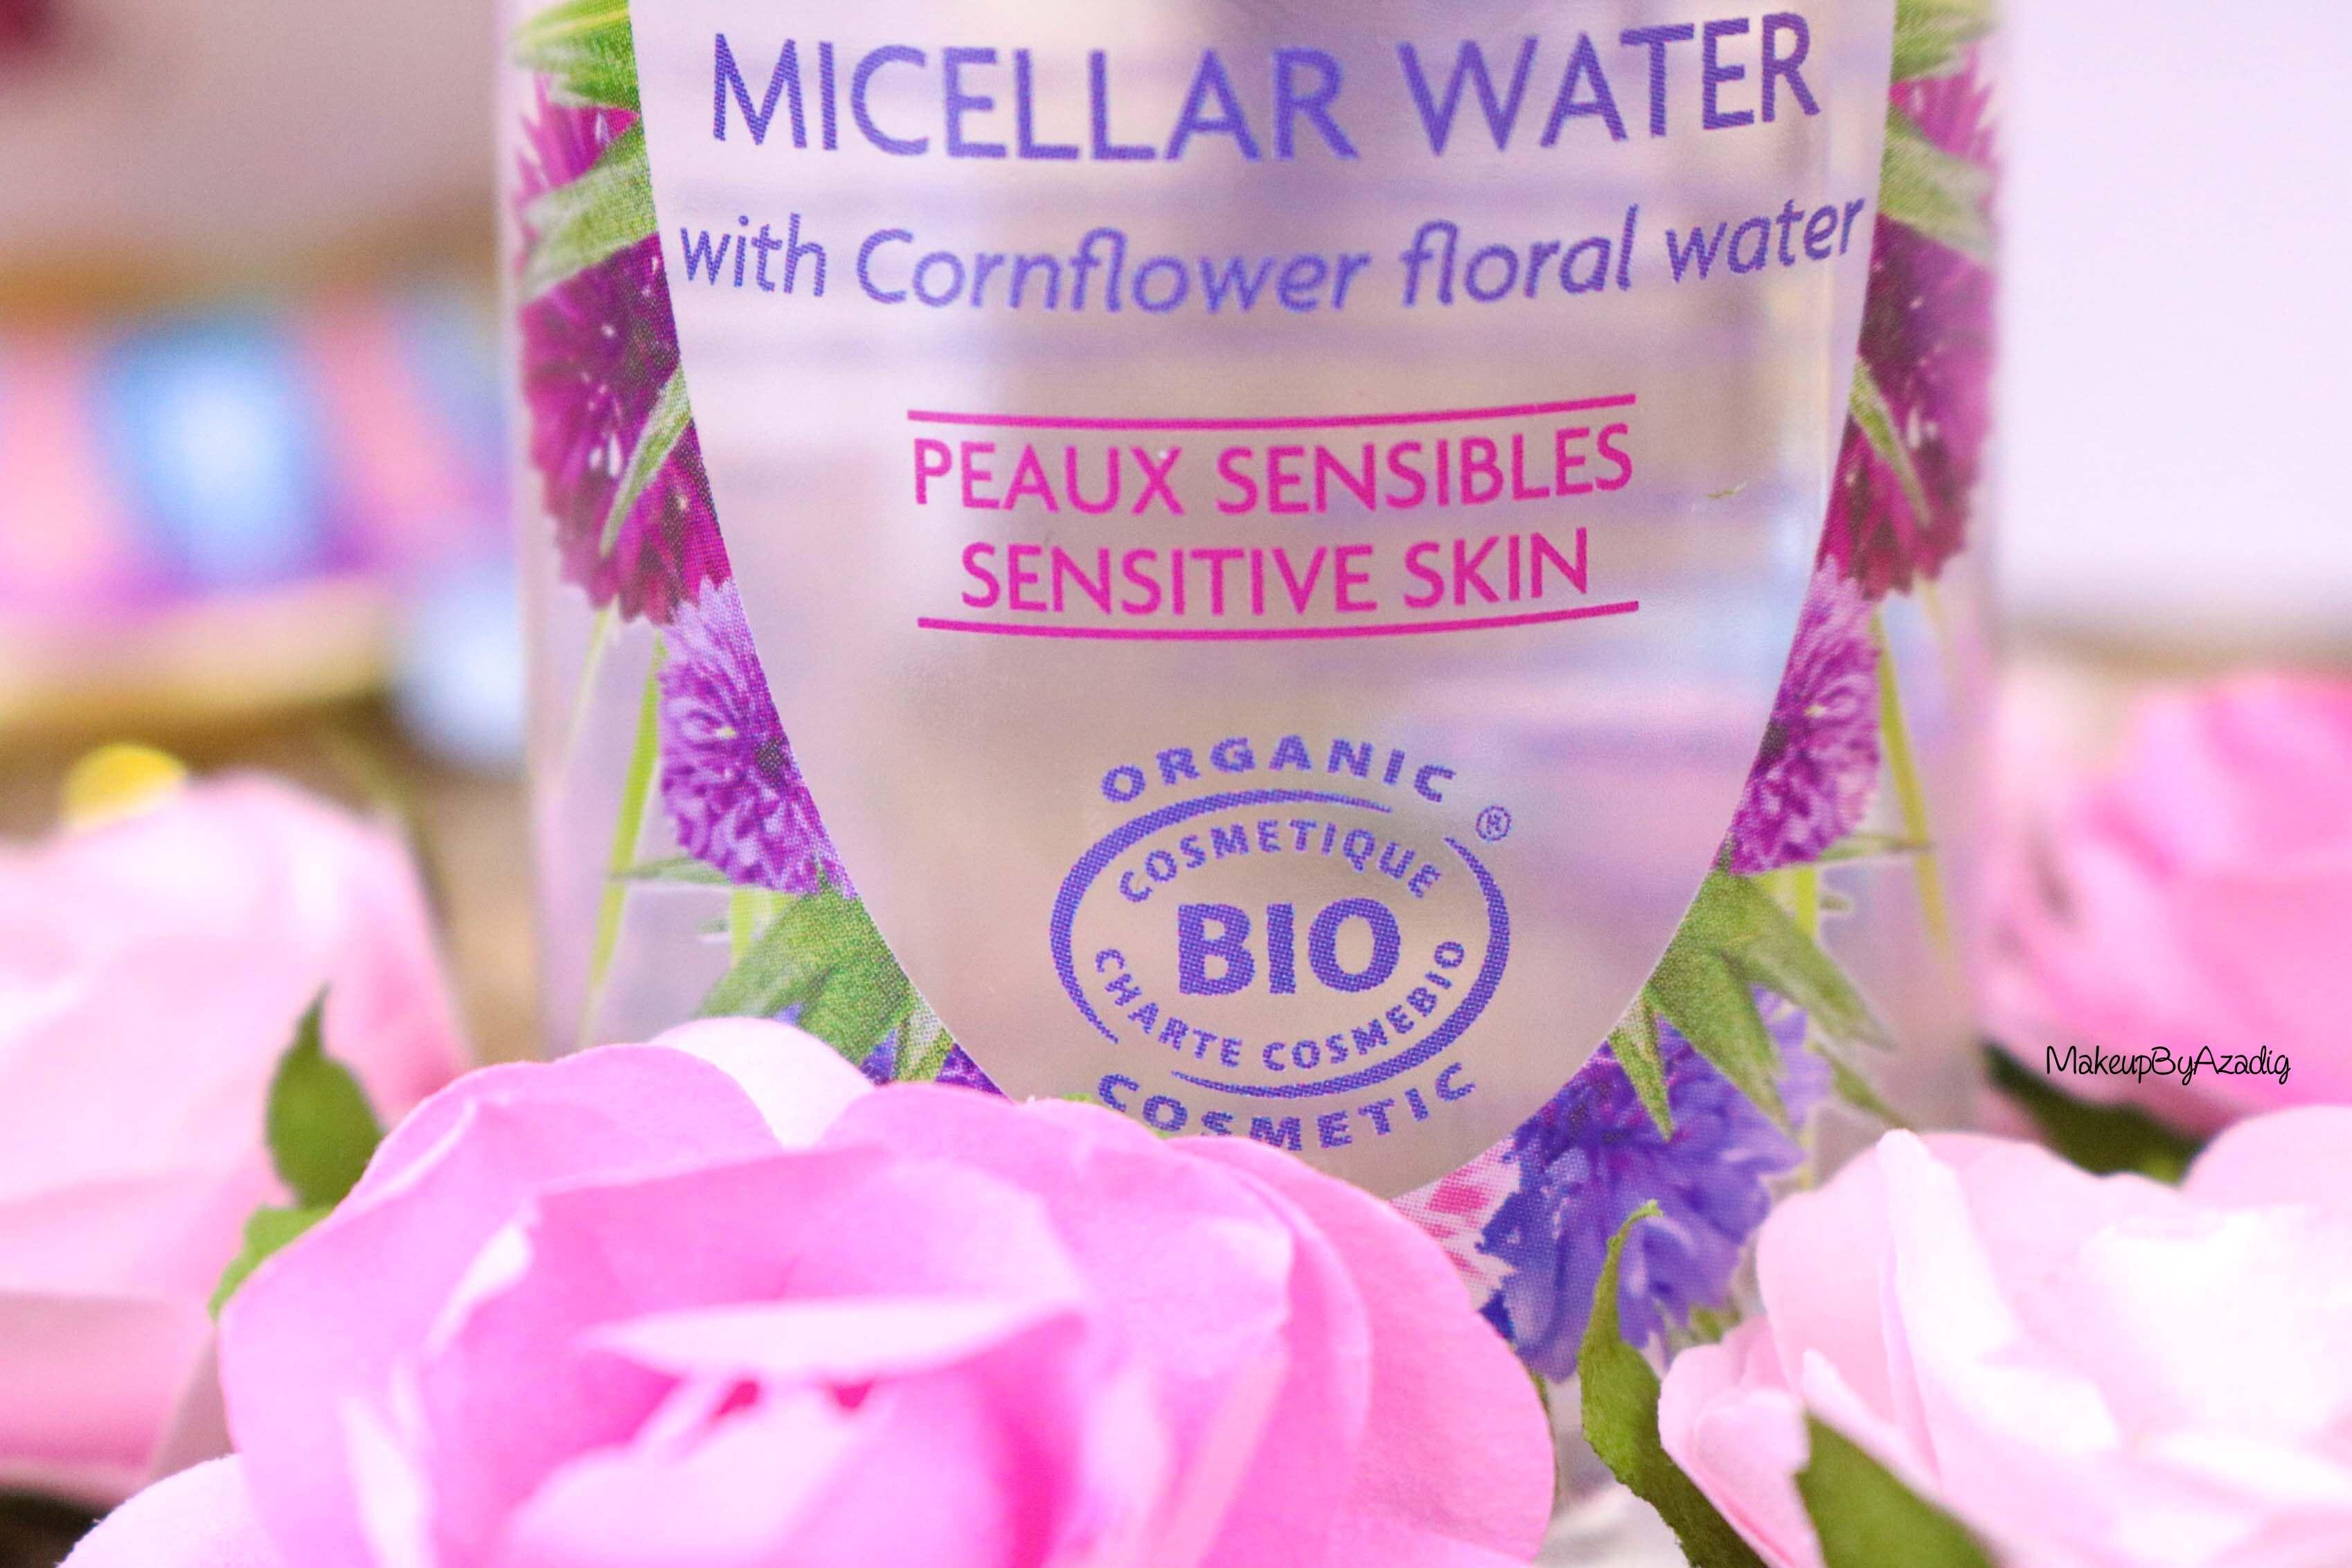 revue-eau-micellaire-peau-sensible-cosmetique-bio-fleurance-nature-makeupbyazadig-florale-bleuet-prix-avis-organic